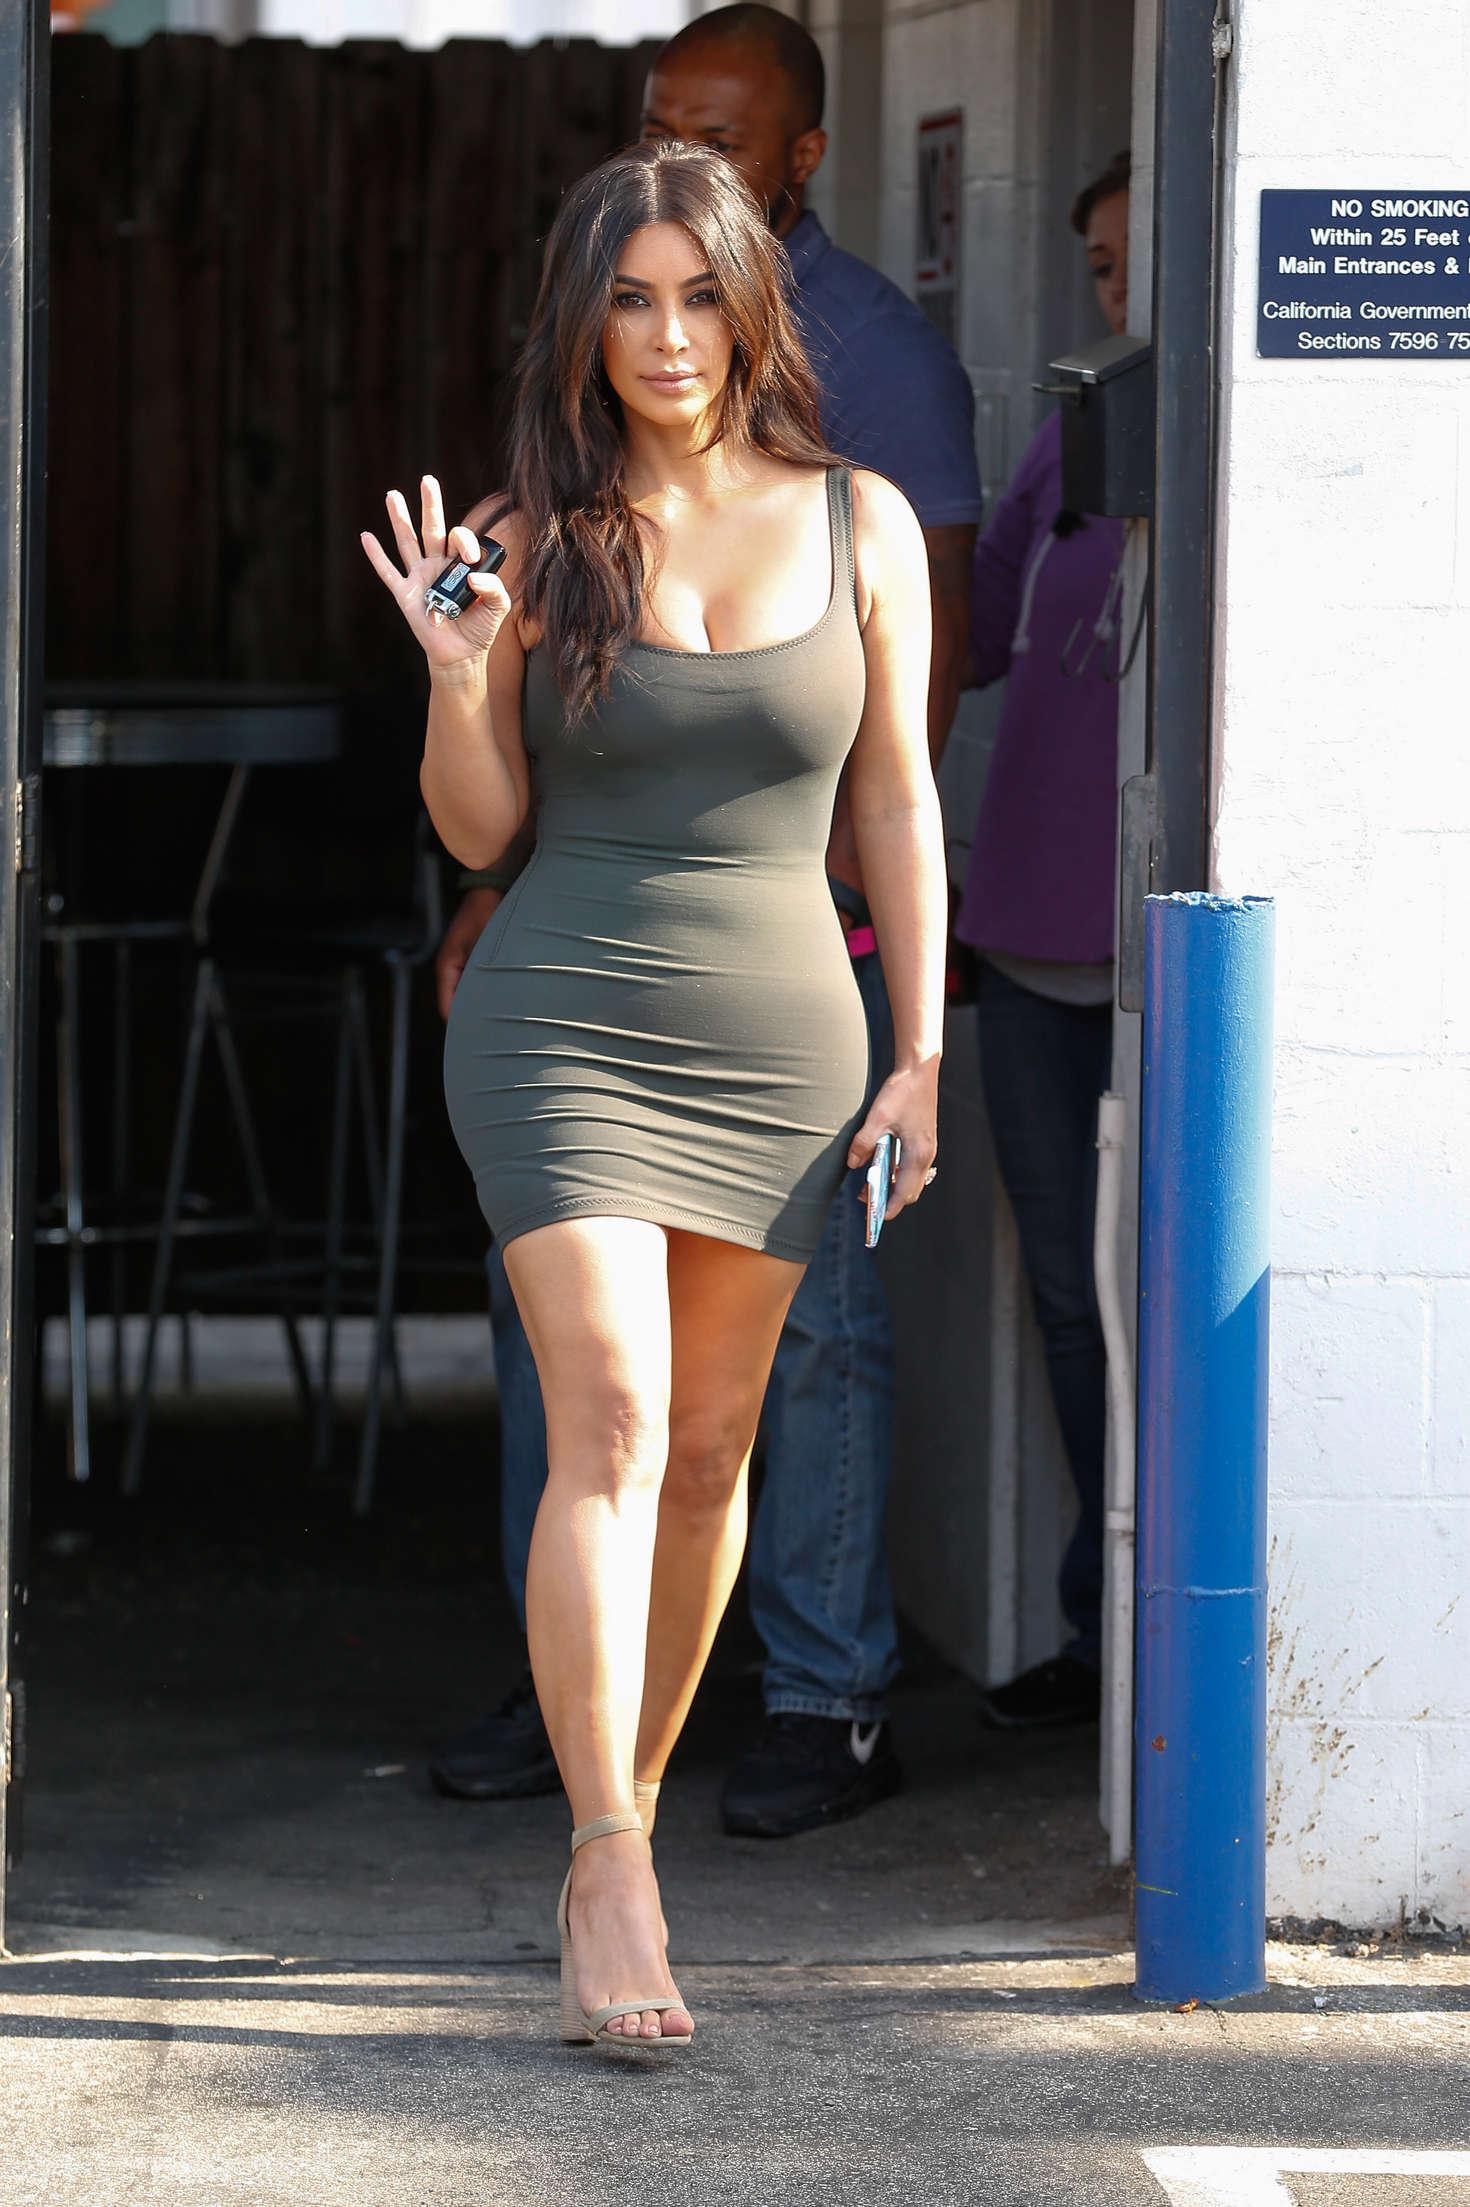 Kim Kardashian In Tight Short Dress -07  Gotceleb-5810